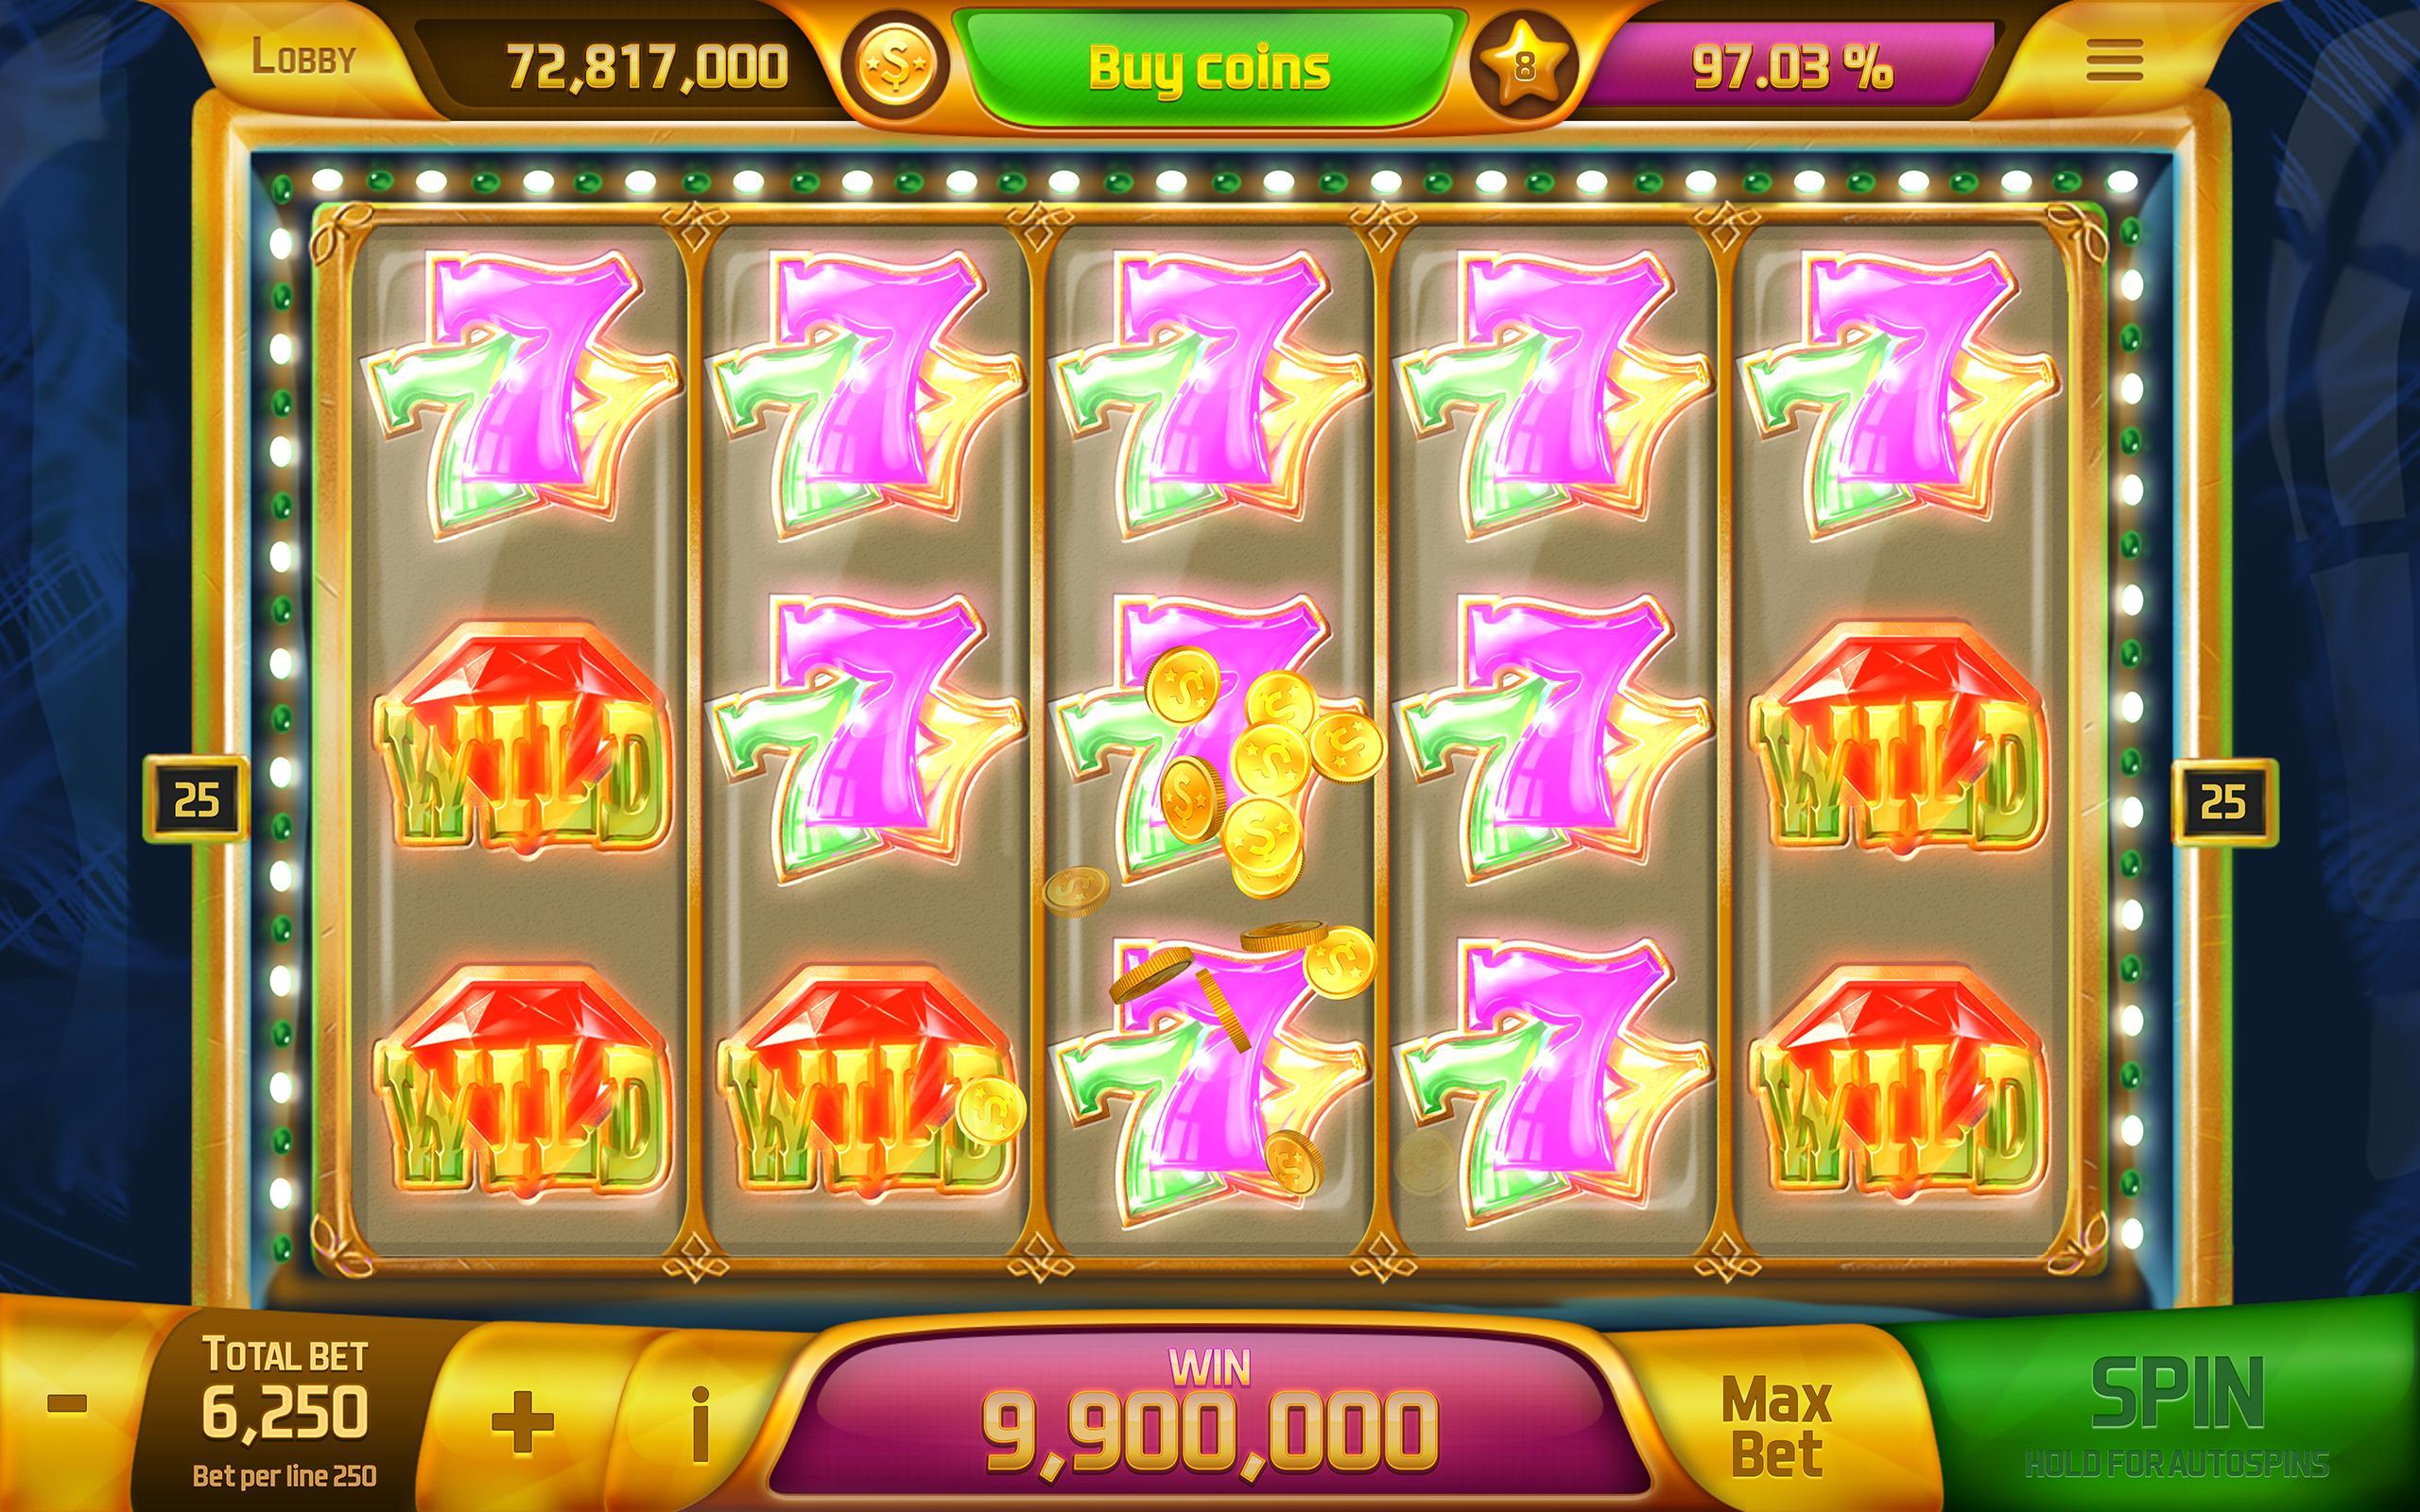 Игровые автоматы играть бесплатно кристаллы играть бесплатно софт i казино